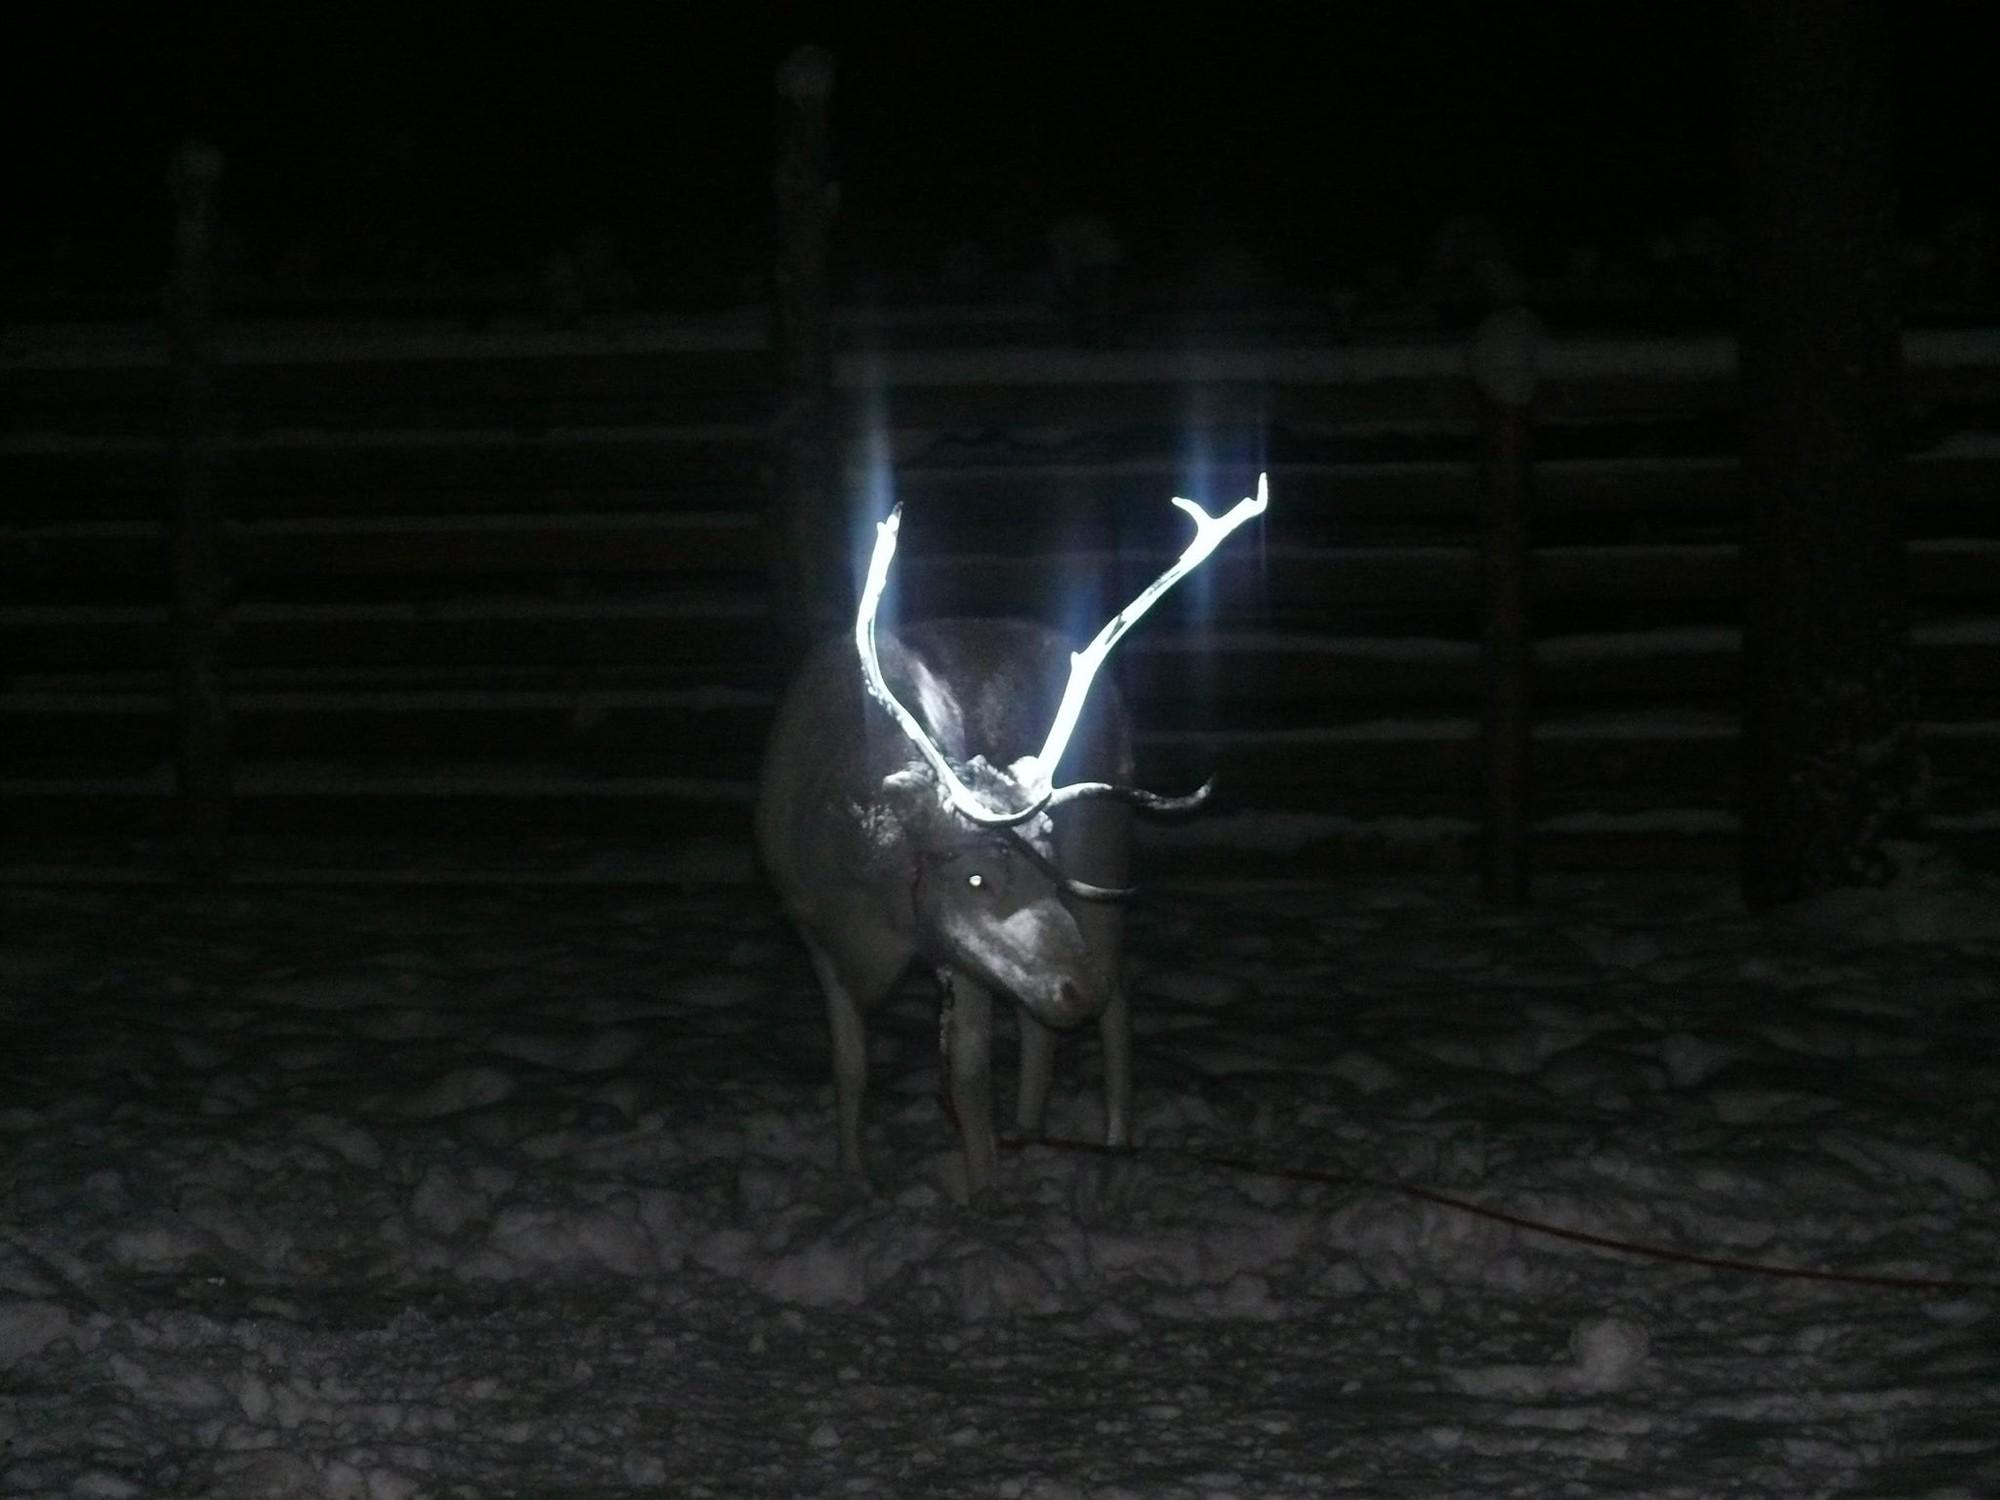 Tuần lộc ở quê hương ông già Noel có sừng phát sáng rực rỡ trong đêm và đây là lý do tại sao - Ảnh 4.